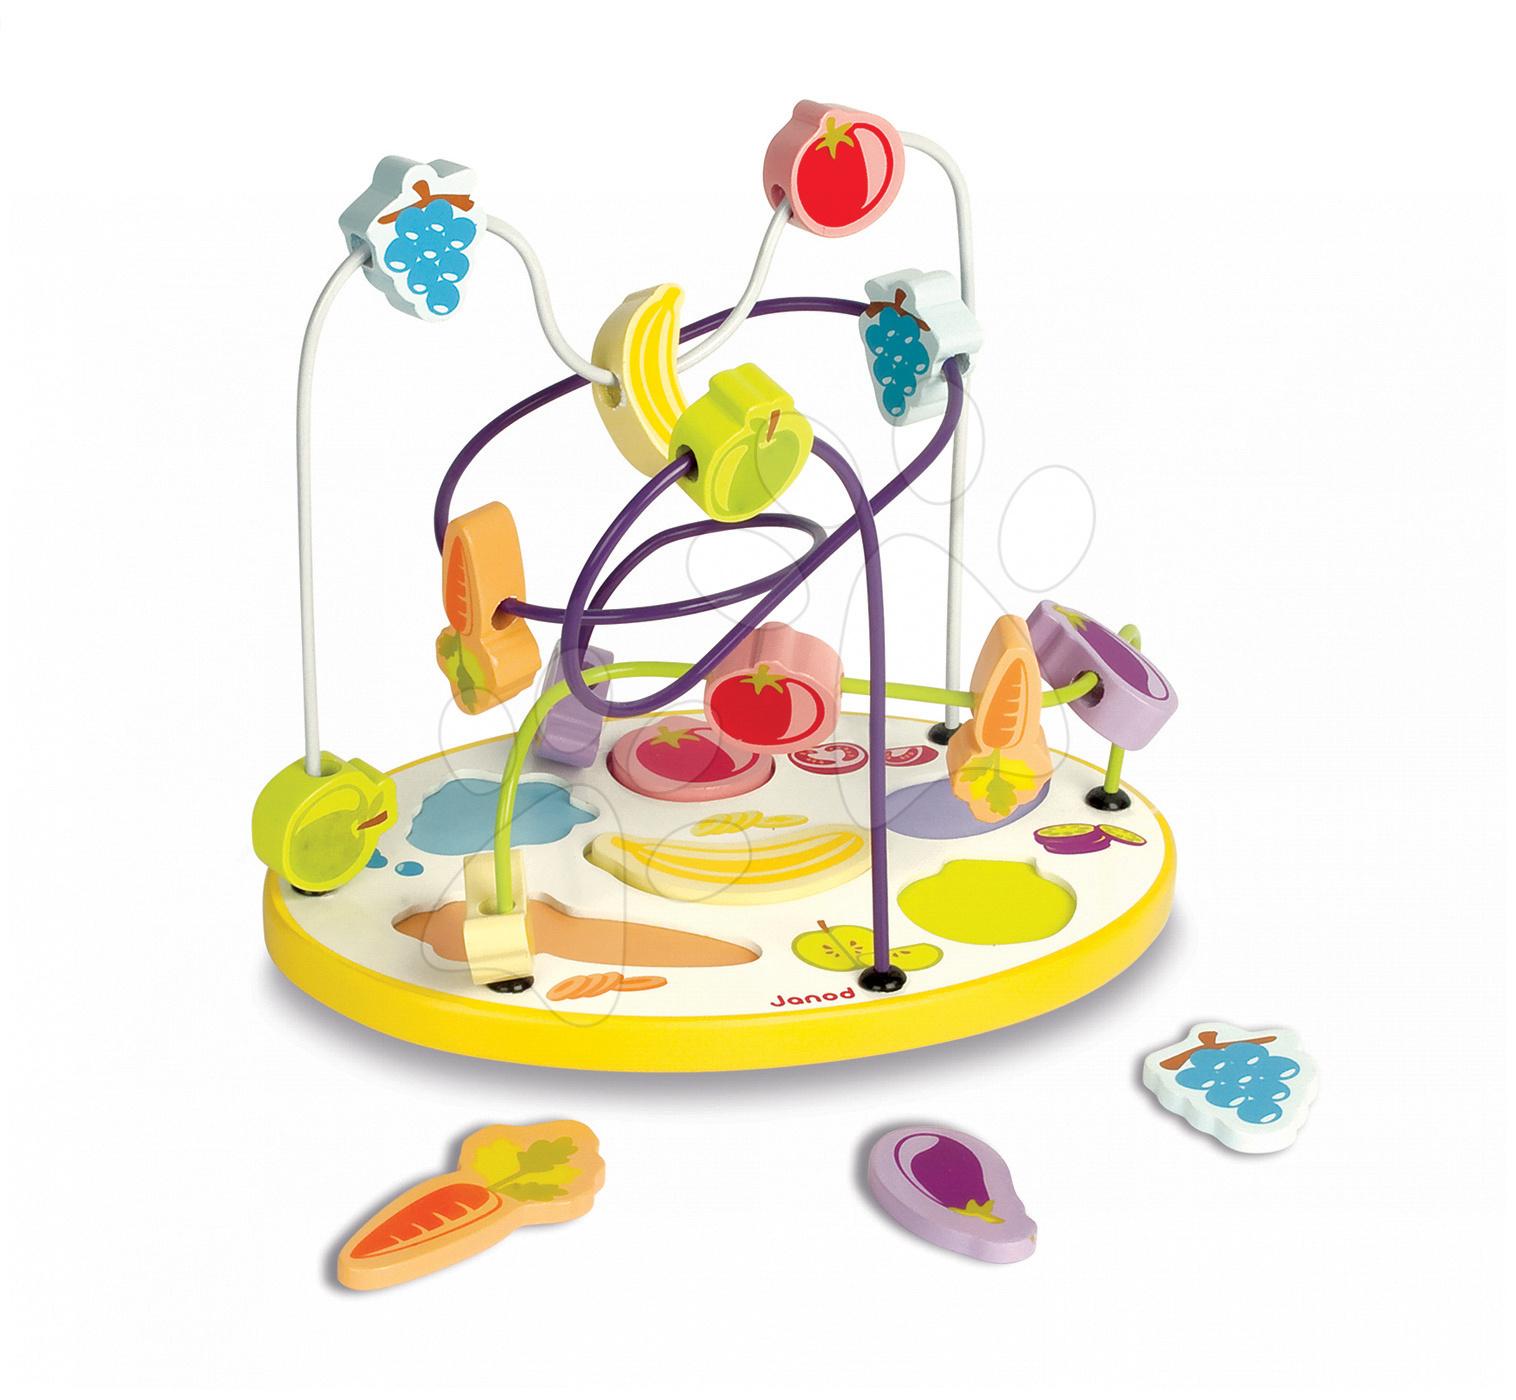 Dřevěný labyrint a puzzle Ovoce & zelenina Janod #VALUE! od 12 měsíců